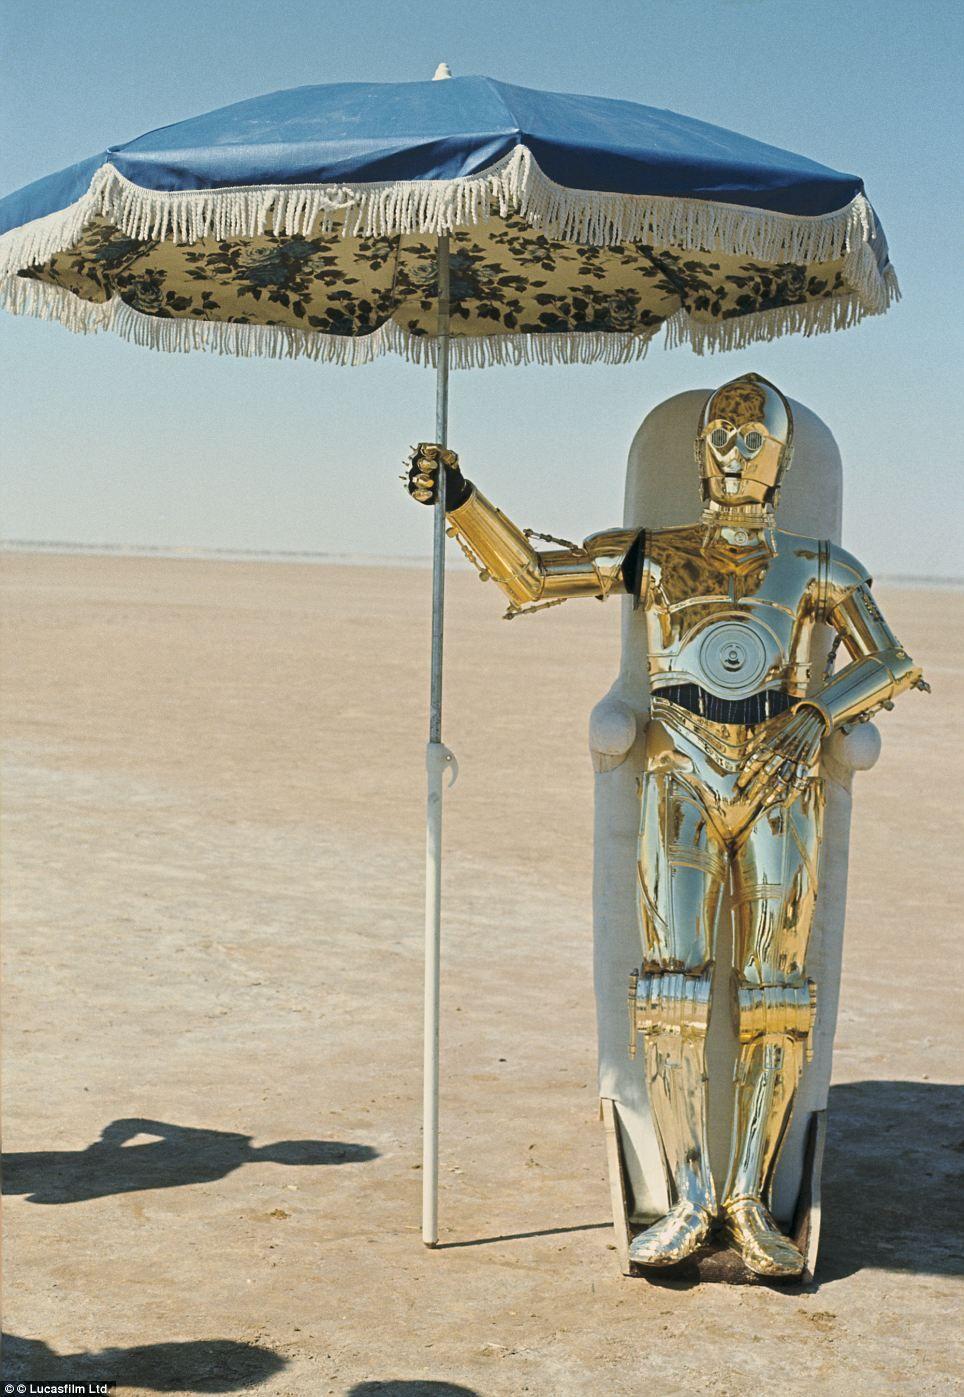 そろそろ夏ですね。  Empire Strikes Backstage: Intimate pictures of cast and crew during filming of second Star Wars movie